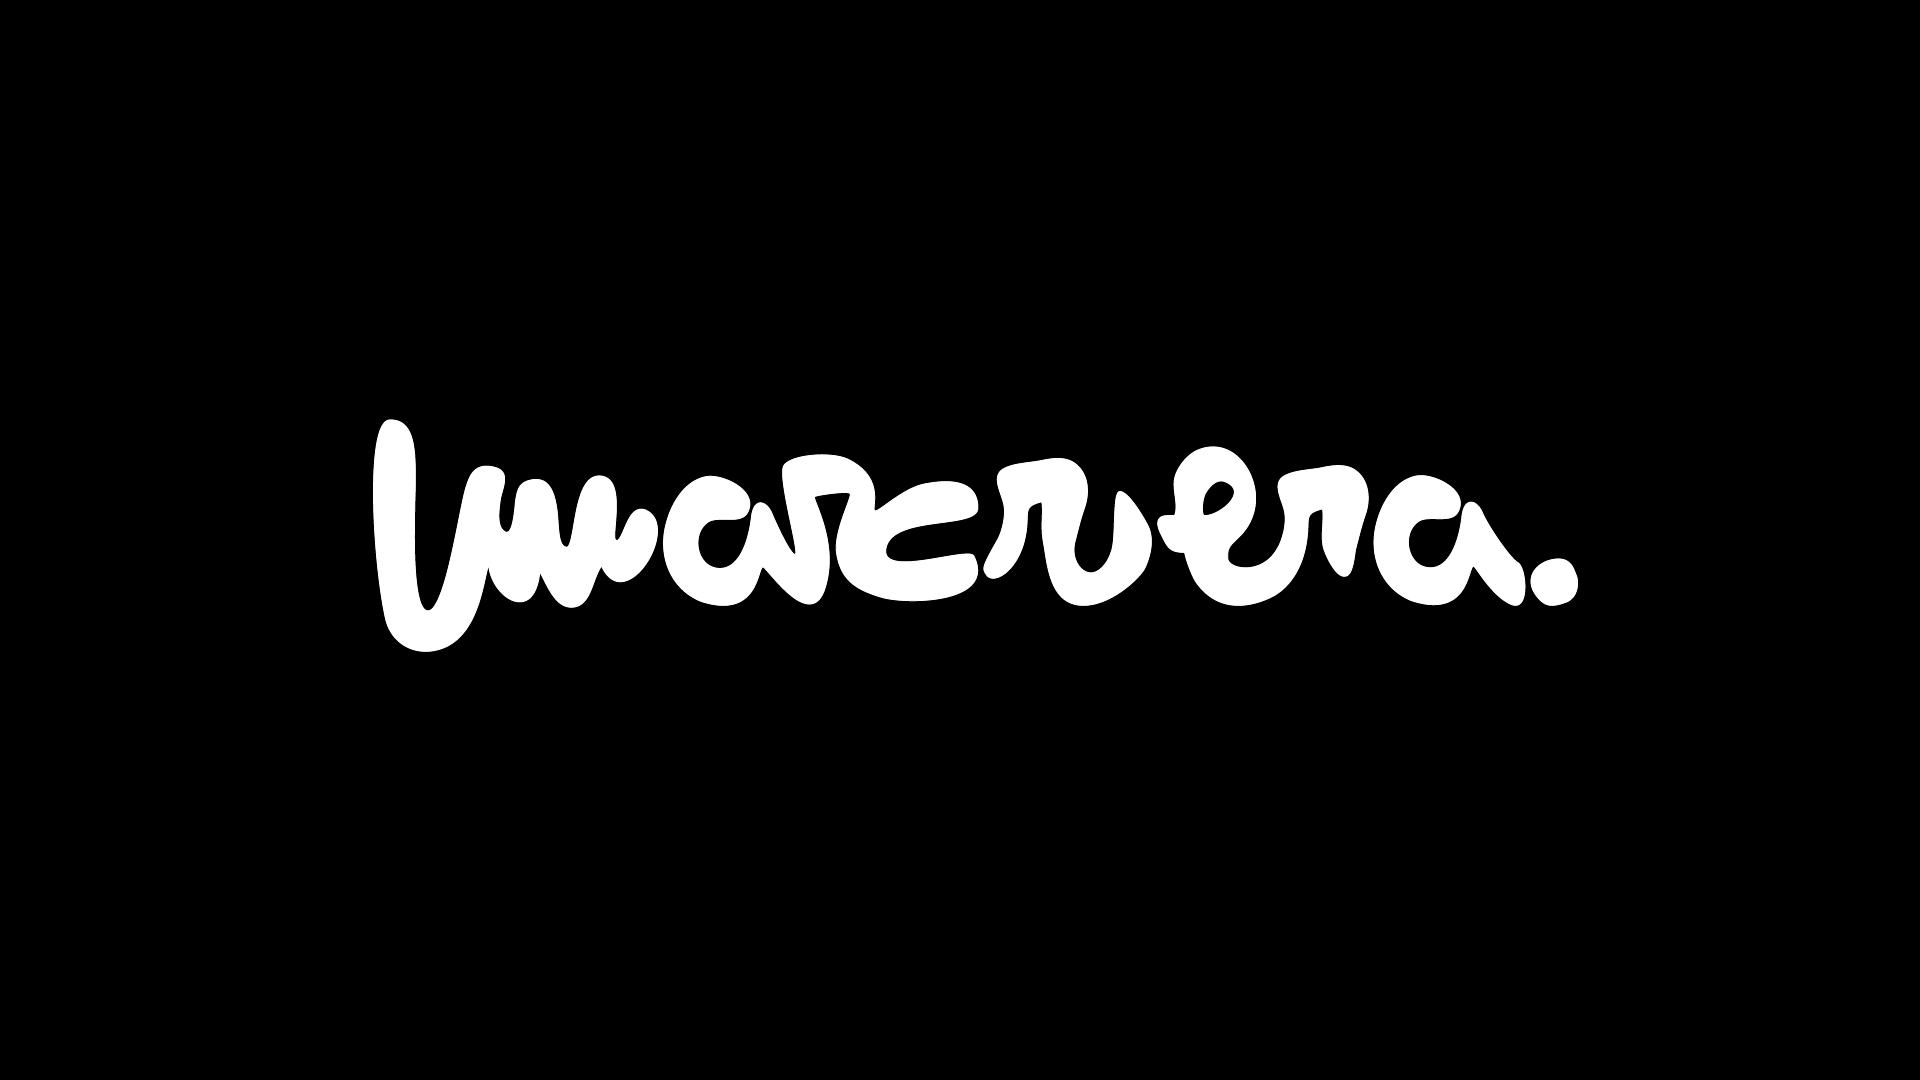 logos-marcriera_marc-riera-2